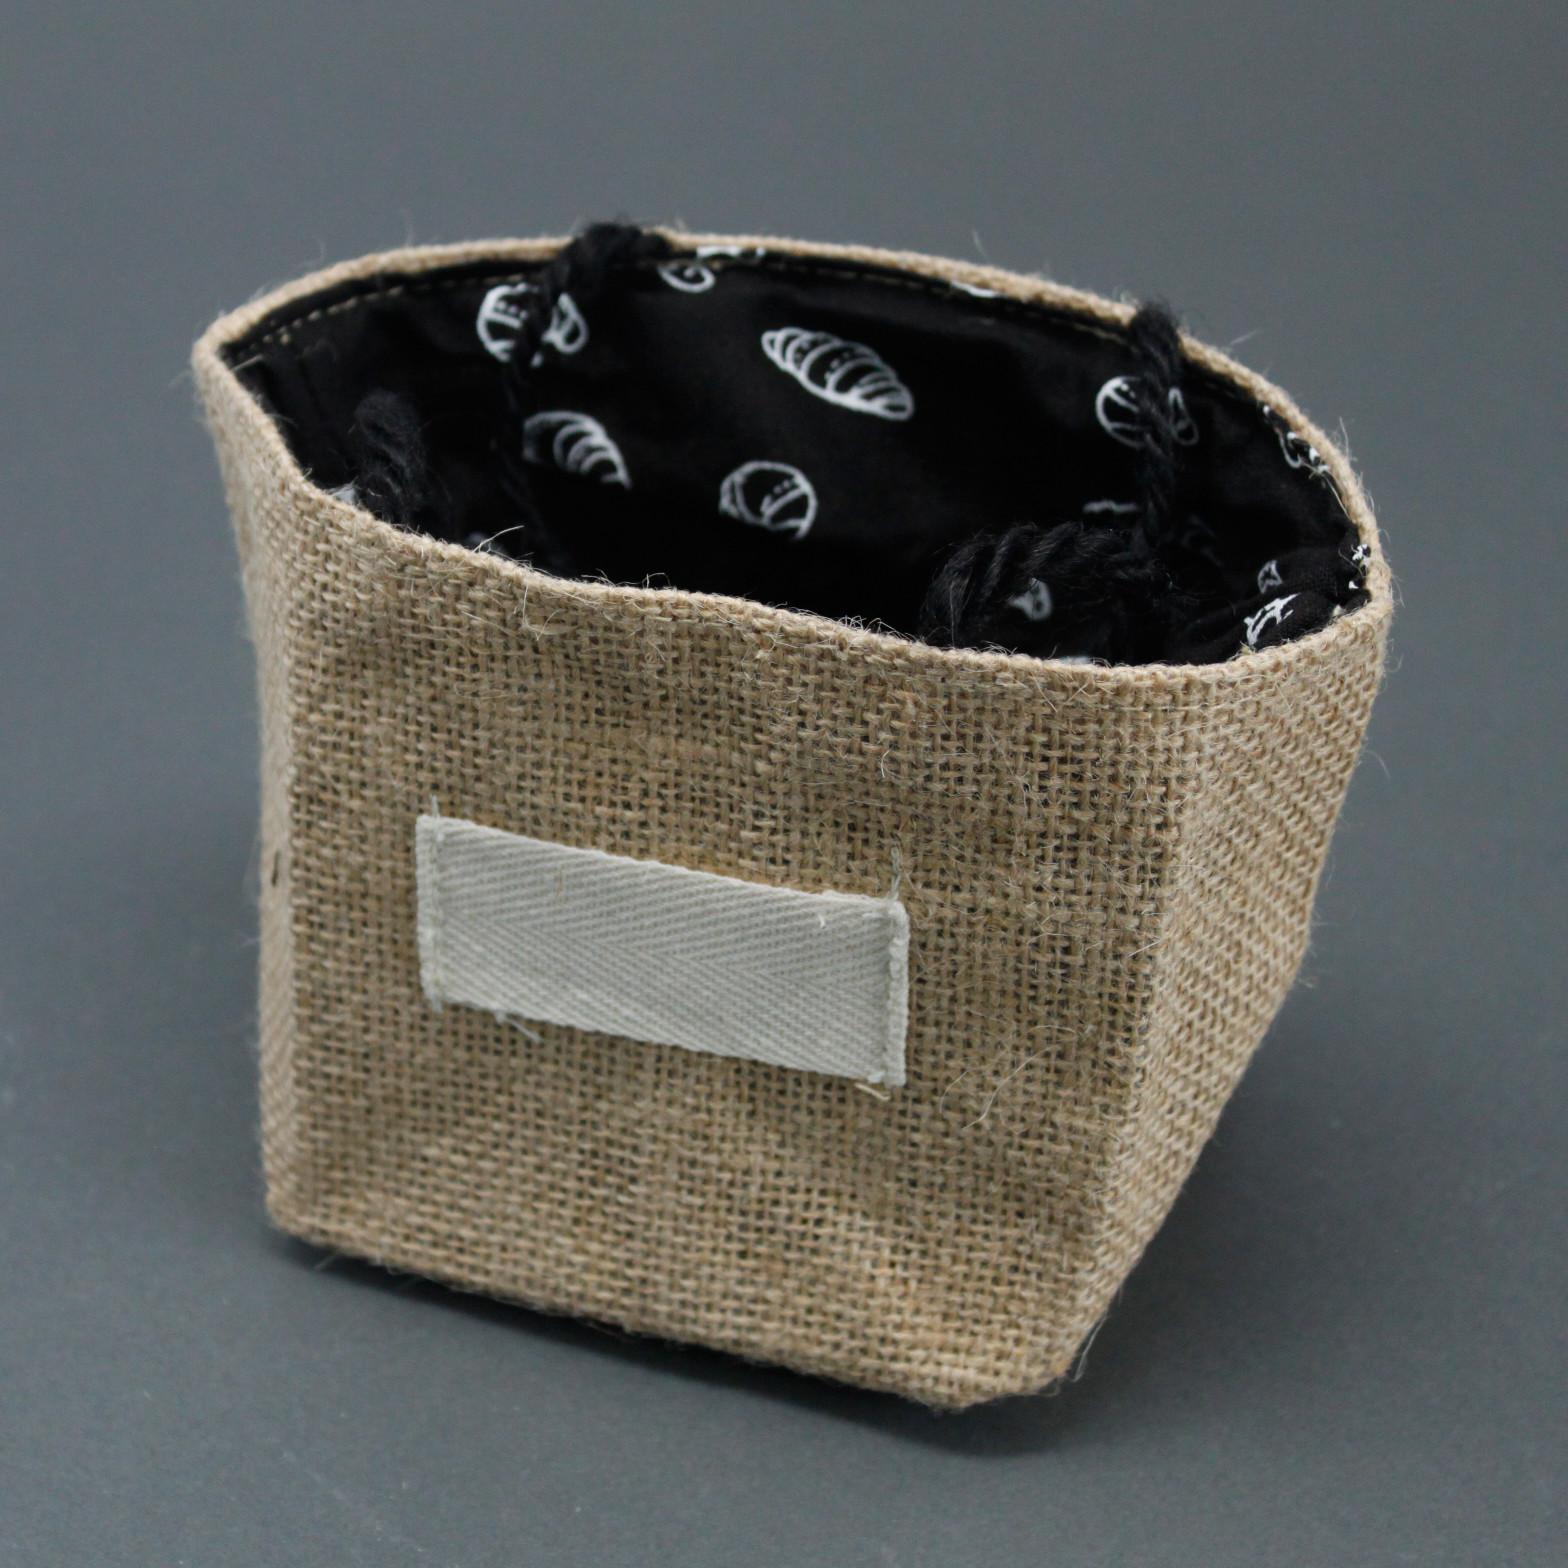 Natural Jute Cotton Gift Bag Black Lining Medium